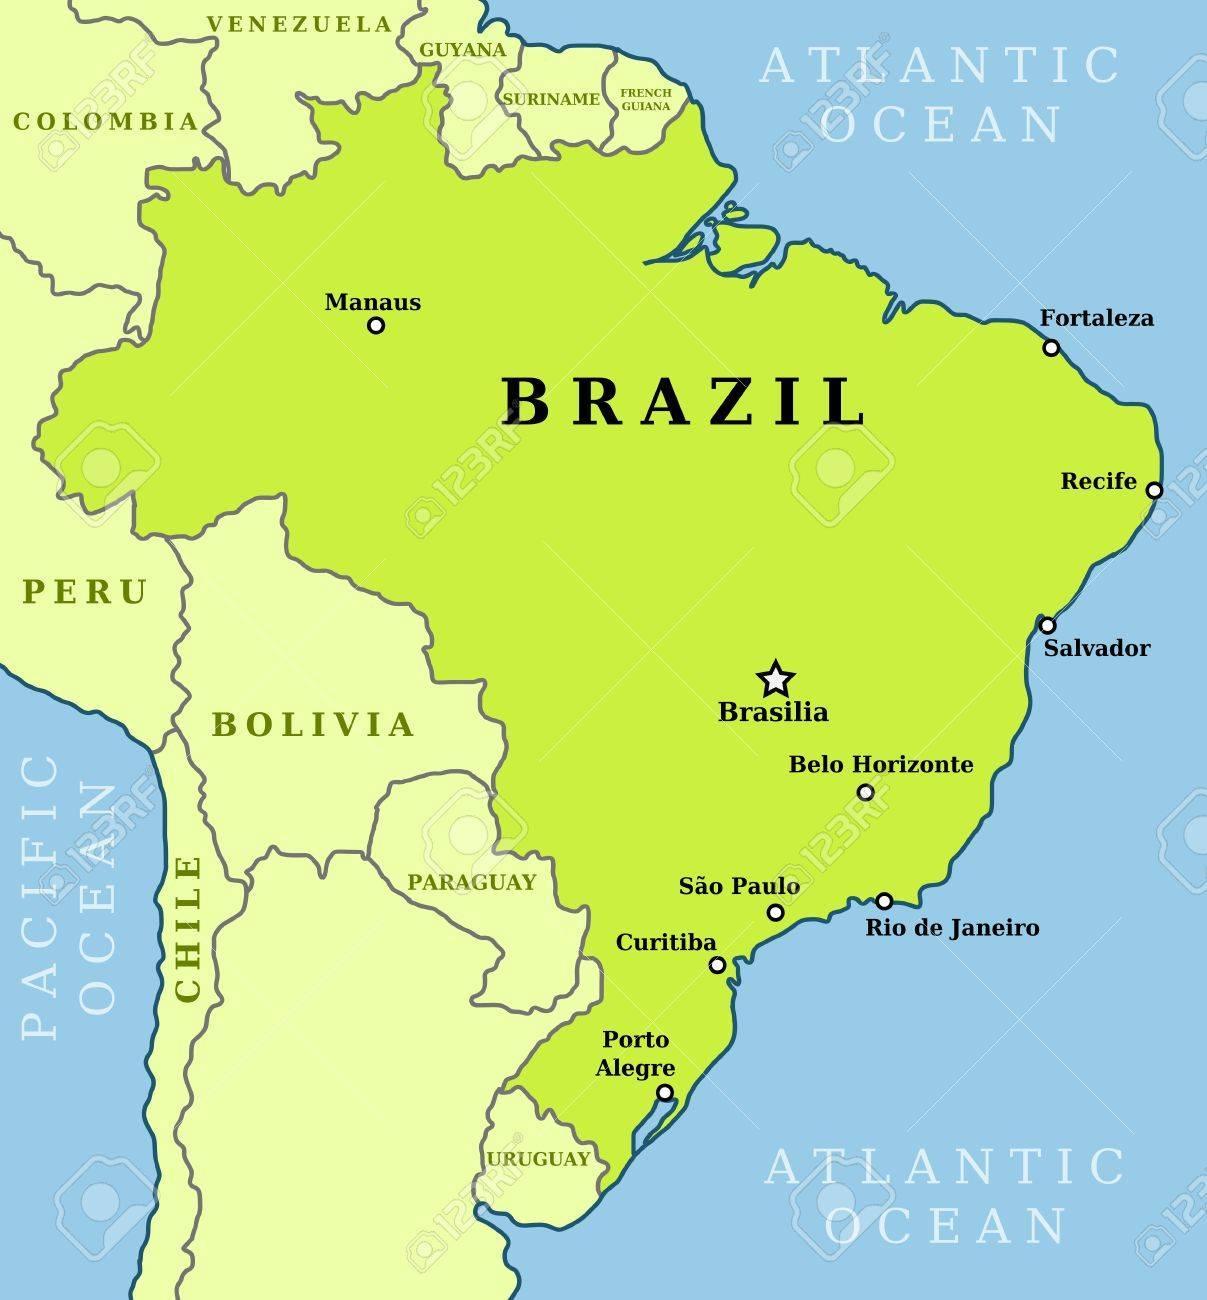 karte brasilien städte Karte von Brasilien Städten   Brasilien Karte der Städte (South